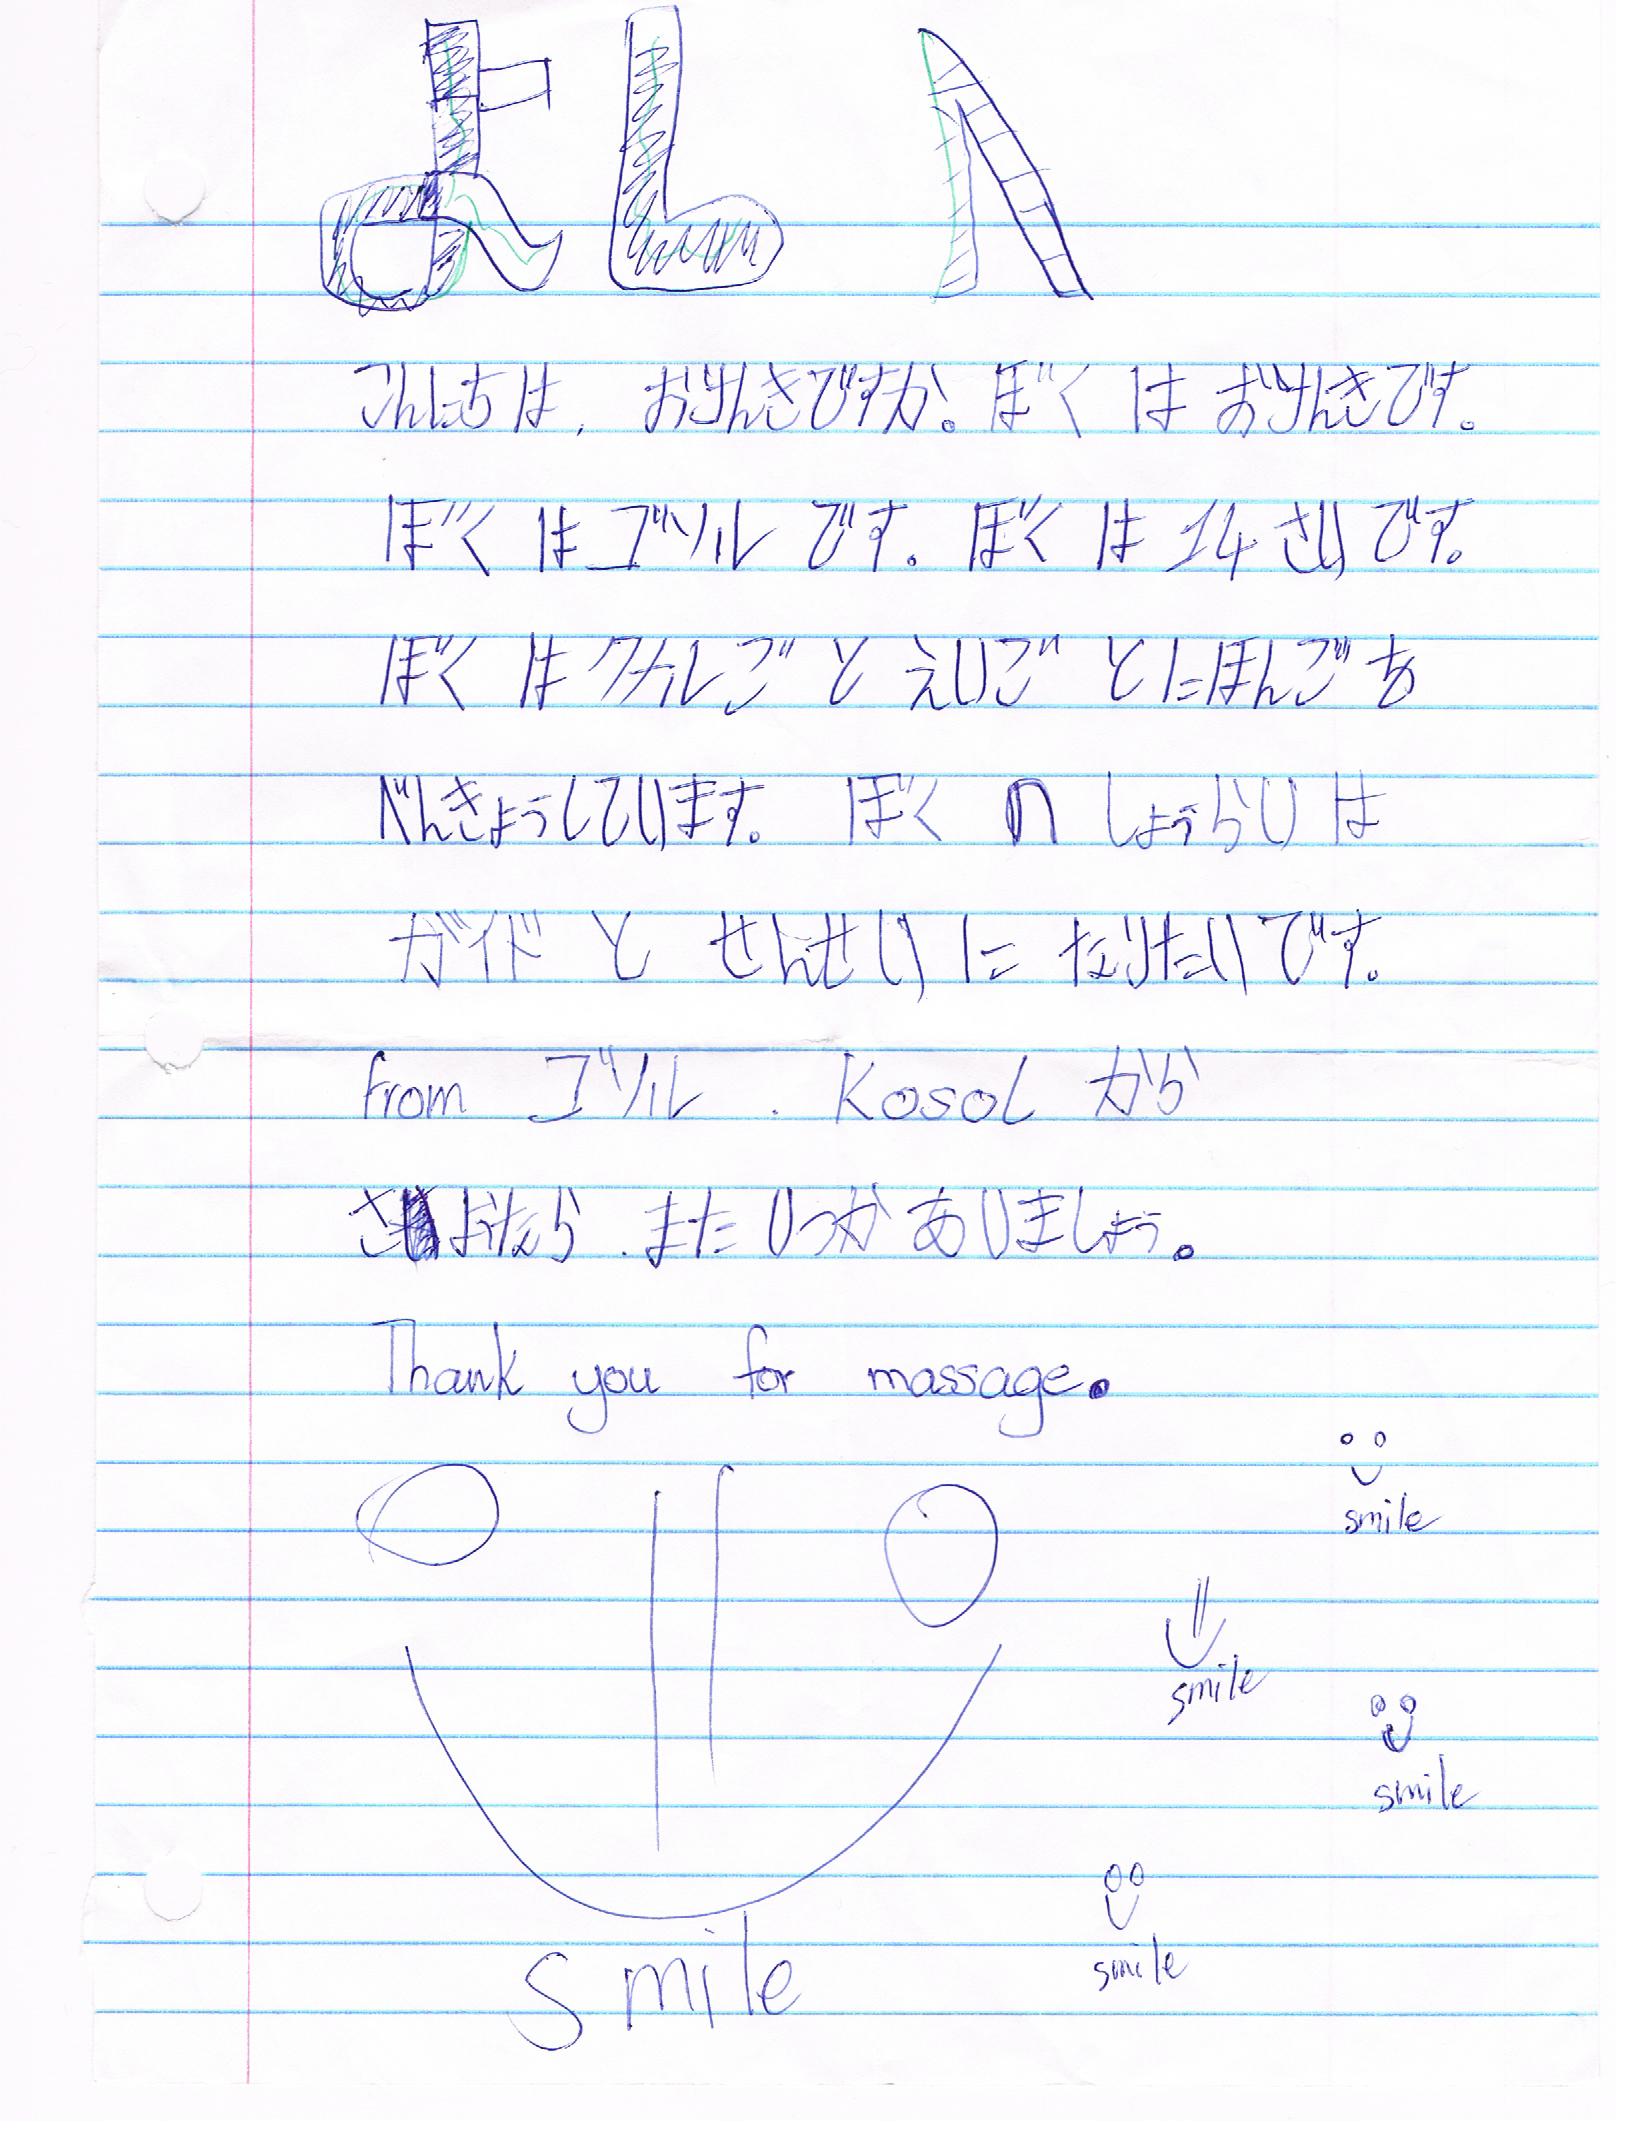 ゴソルがくれた手紙